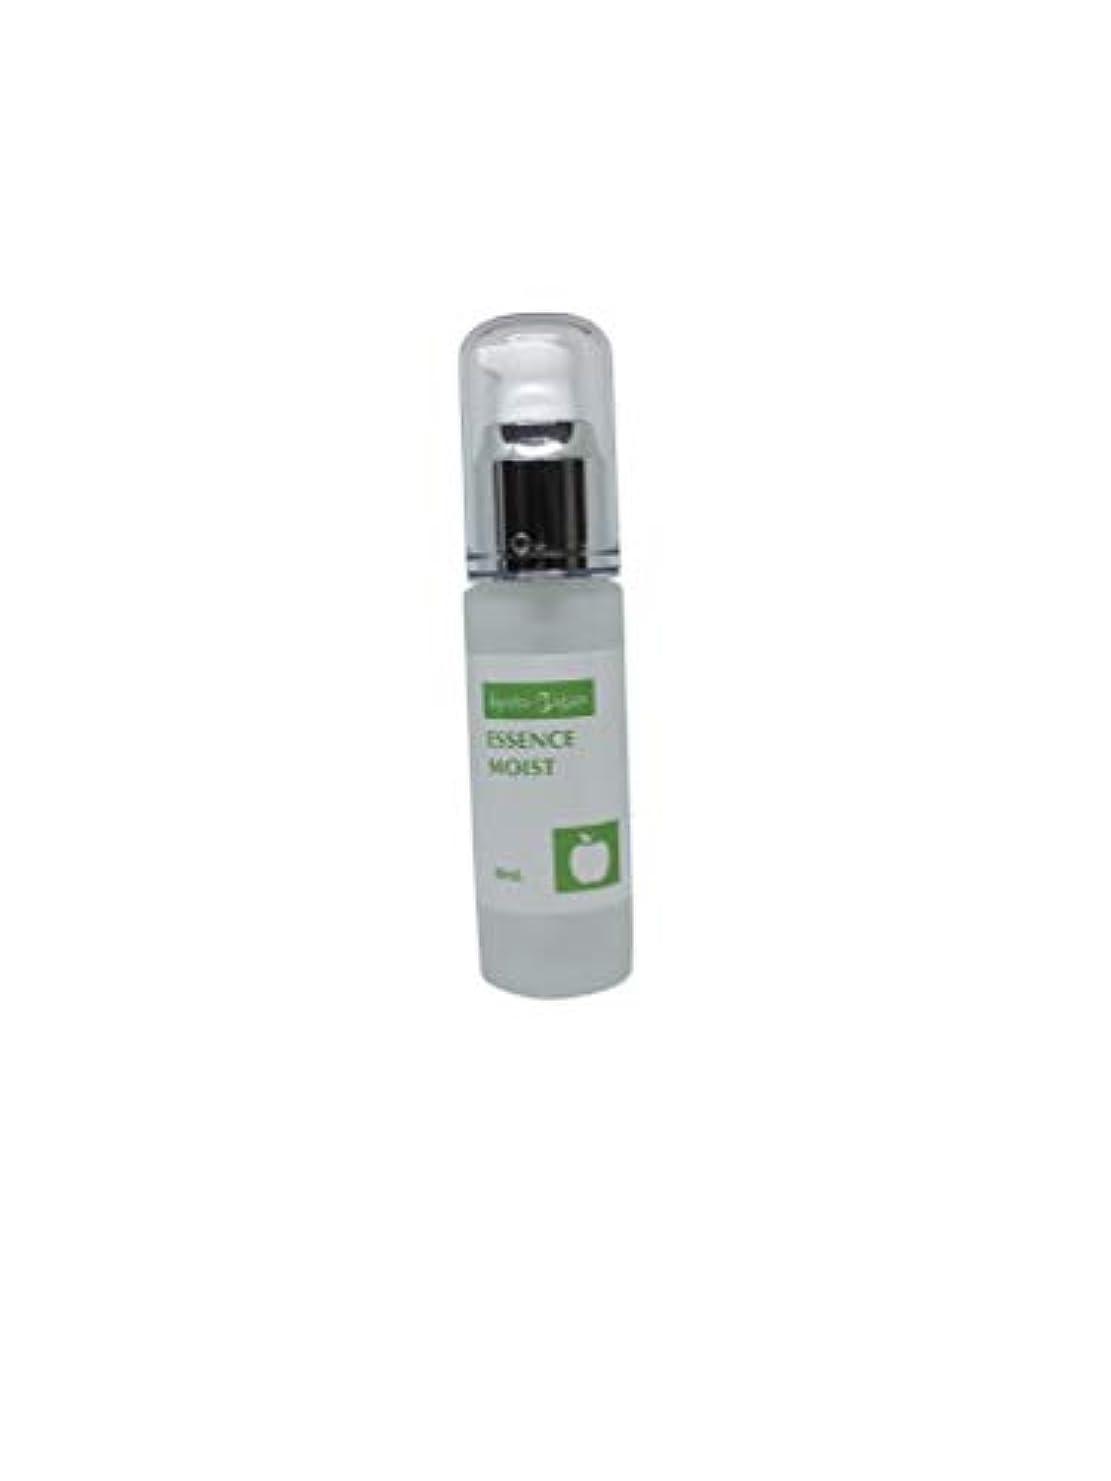 エッセンスモイスト【高保湿美容液,敏感肌乾燥肌対応,リンゴ幹細胞エキス+ナールスゲン+3種のヒアルロン酸配合】30ml